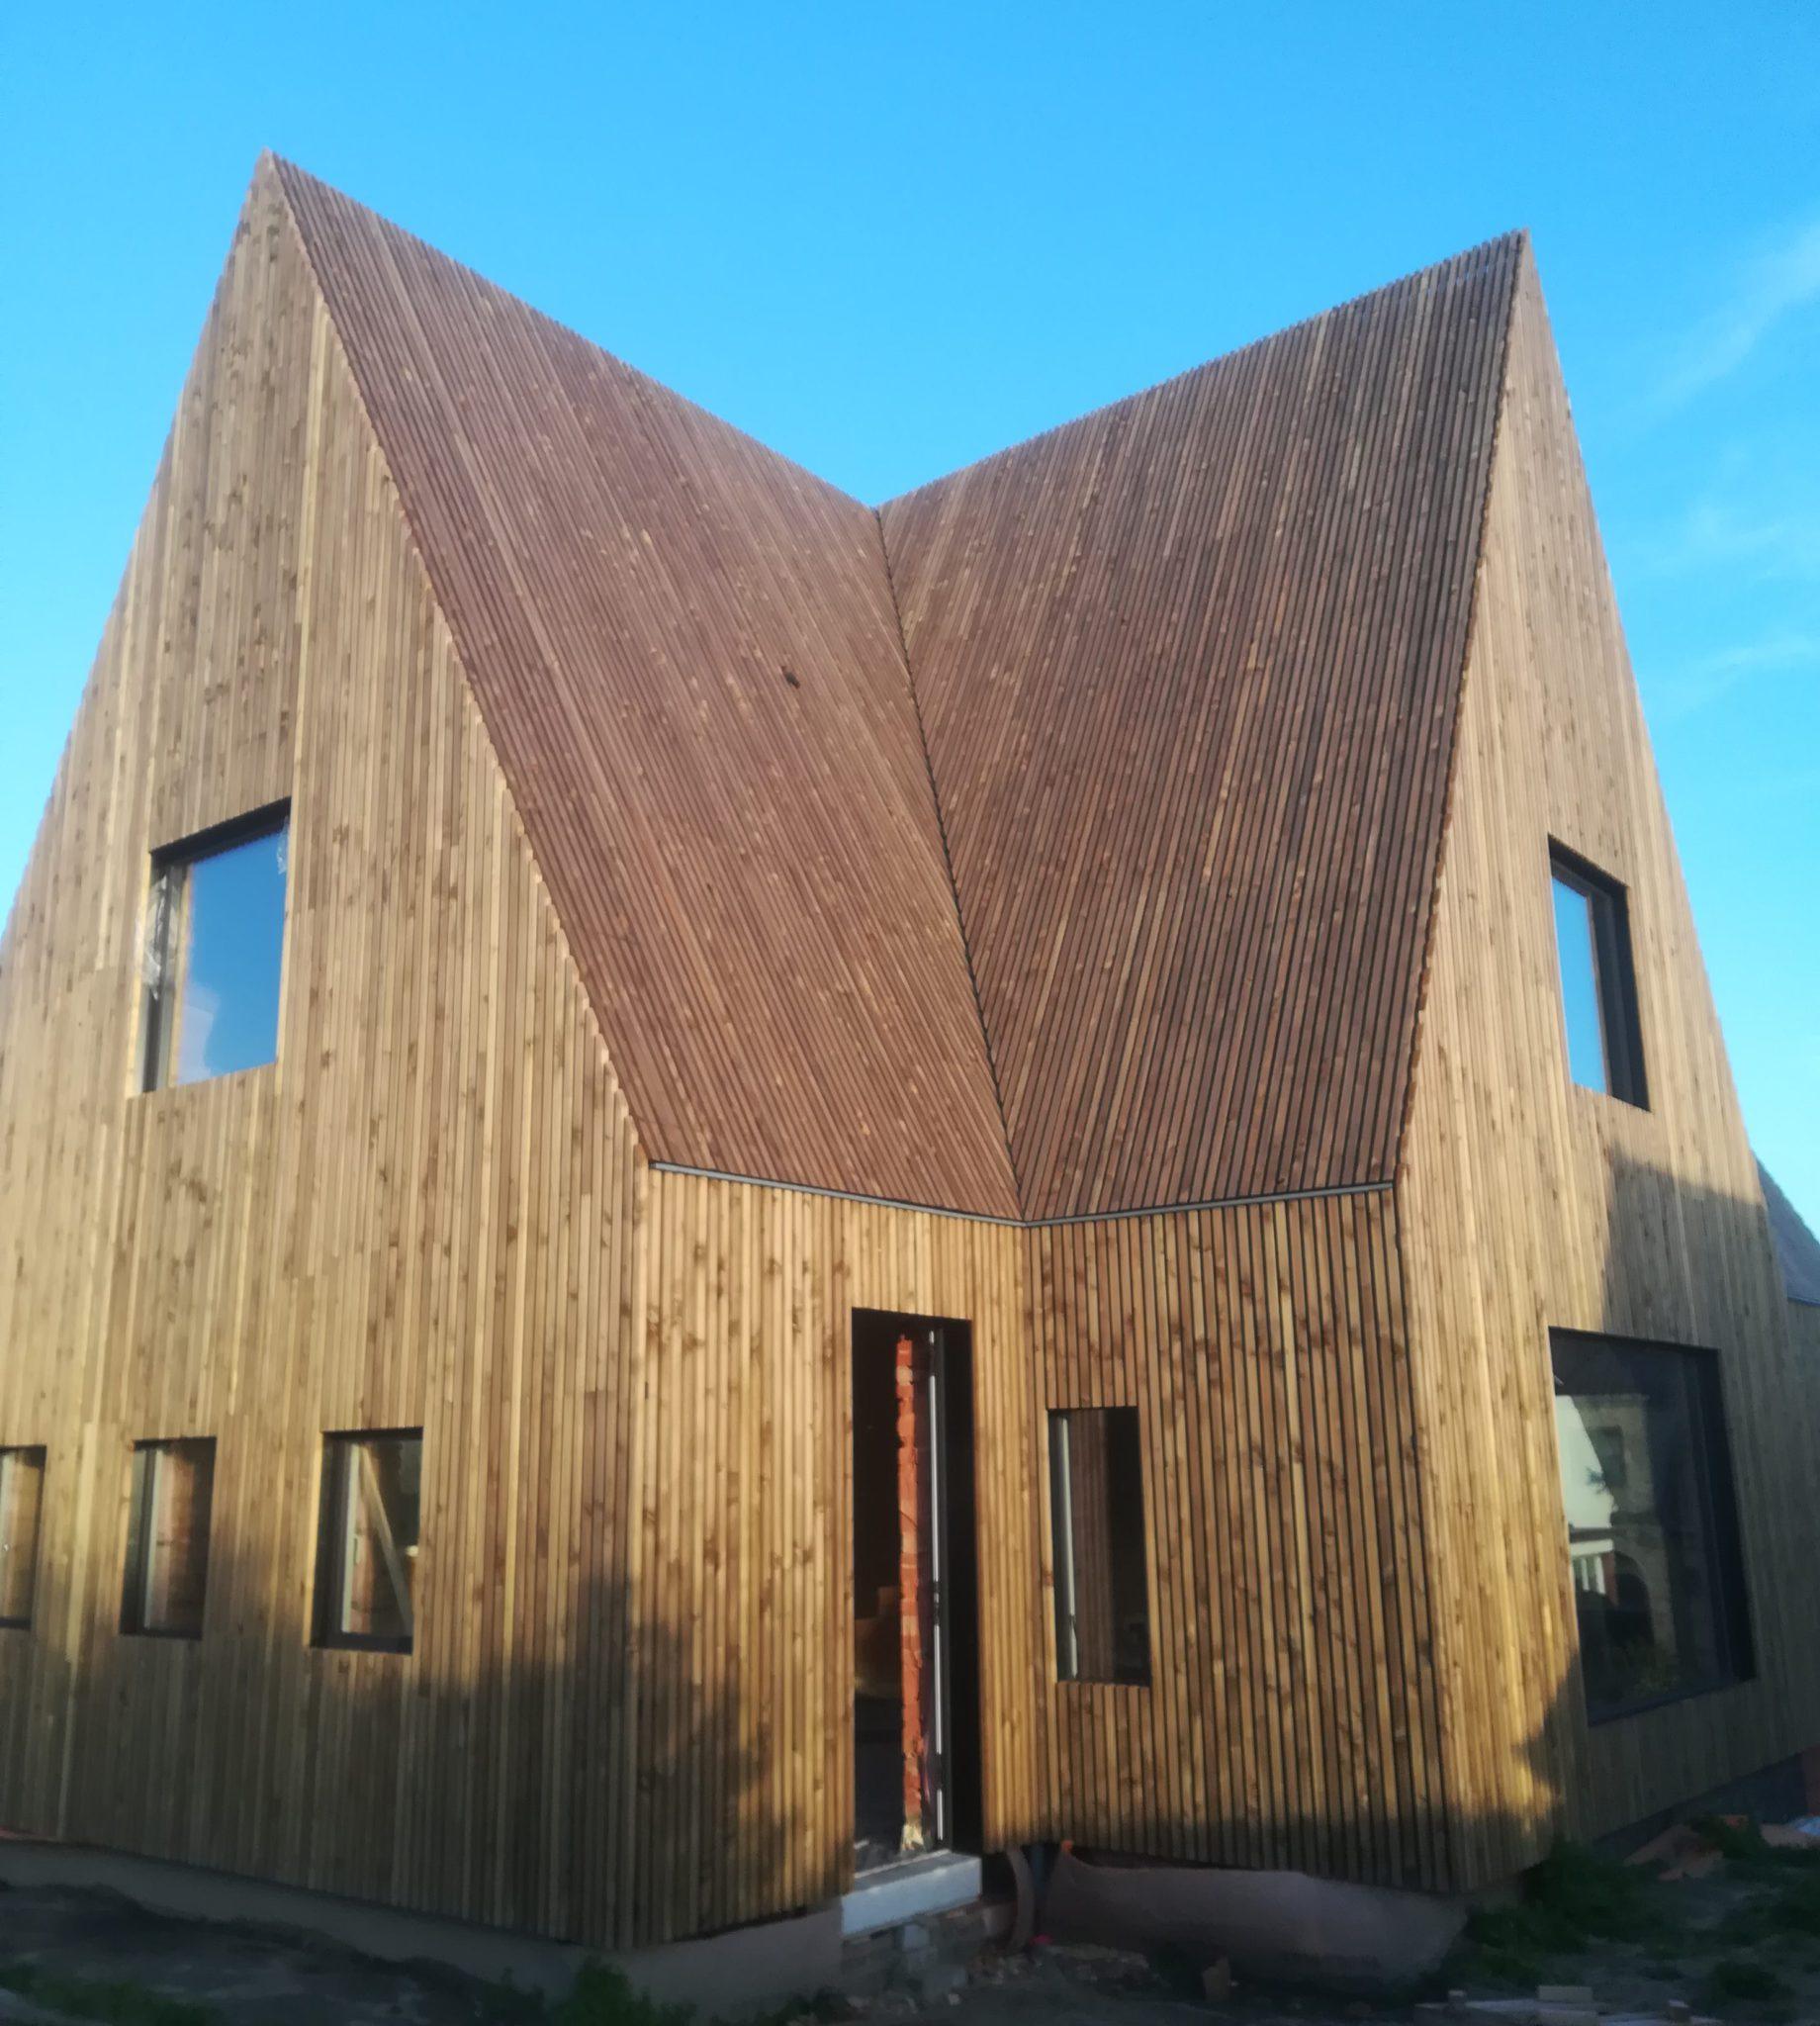 Habitation unifamiliale sur la côte belge – Sint-Idesbald, Flandre Occidentale